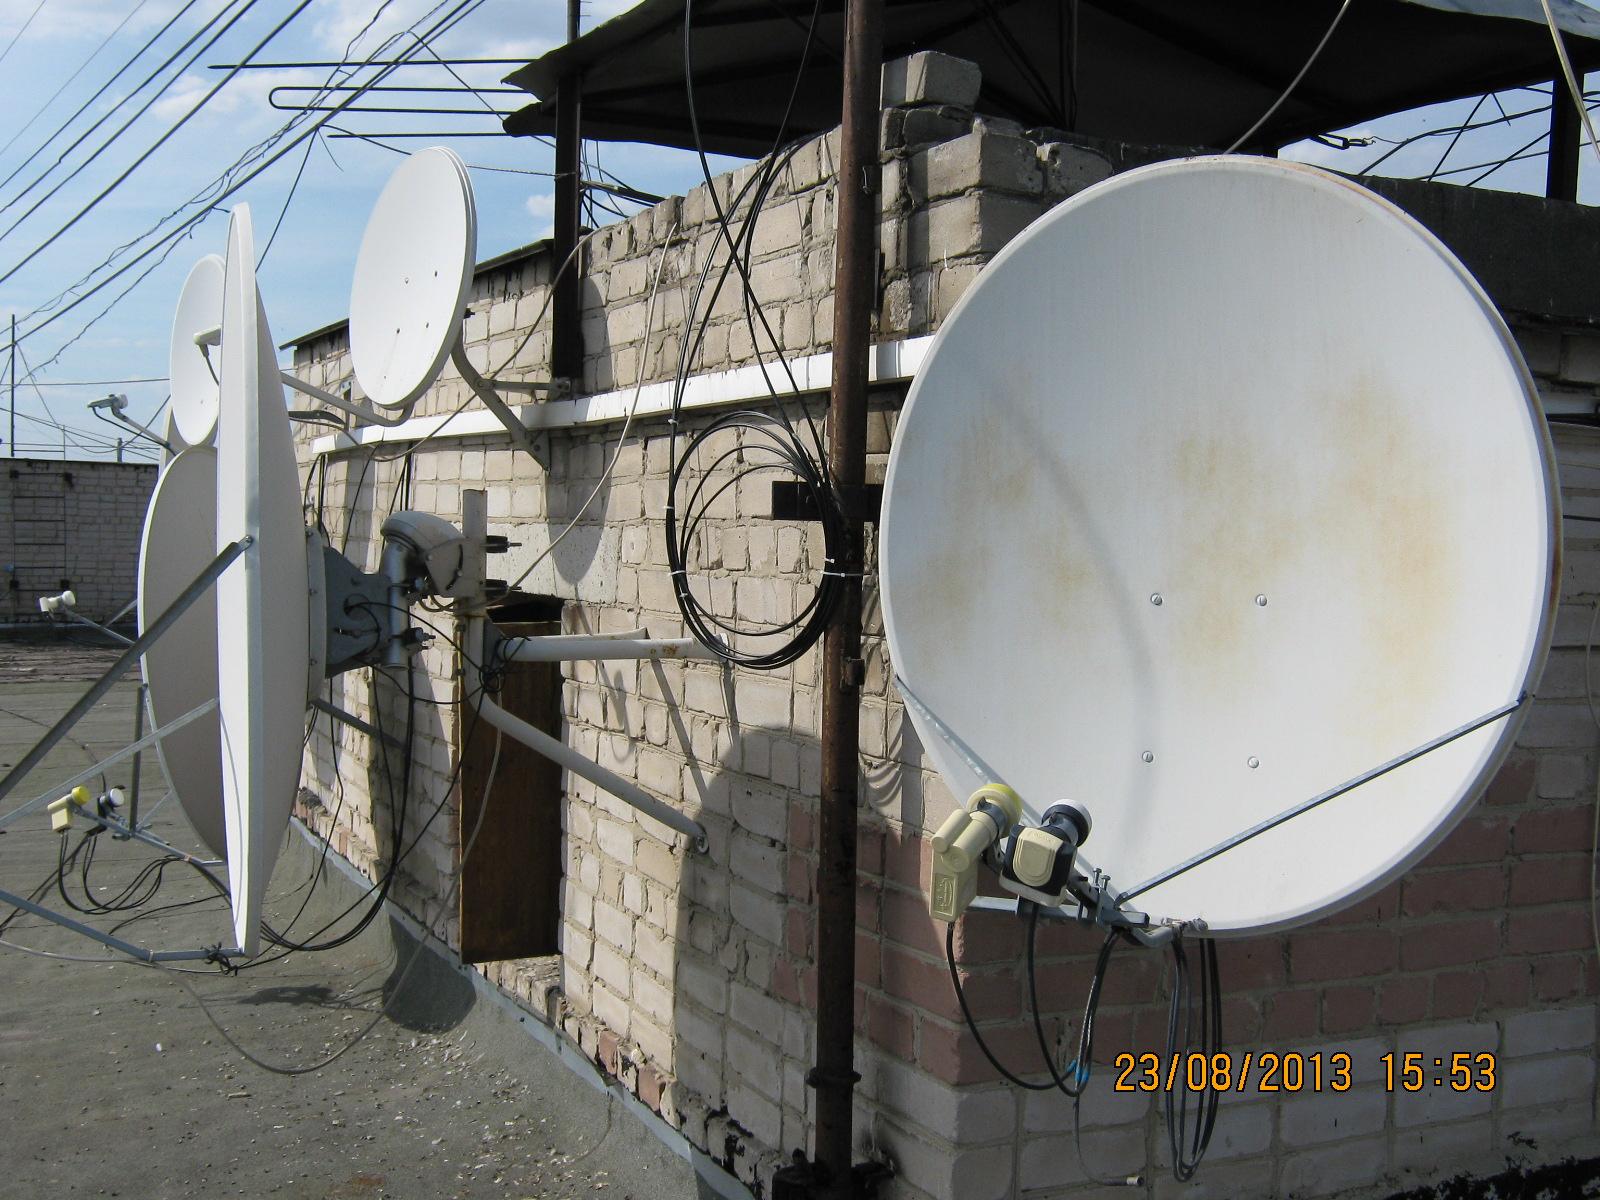 Настройка спутниковой антенны при помощи прибора Sat 78